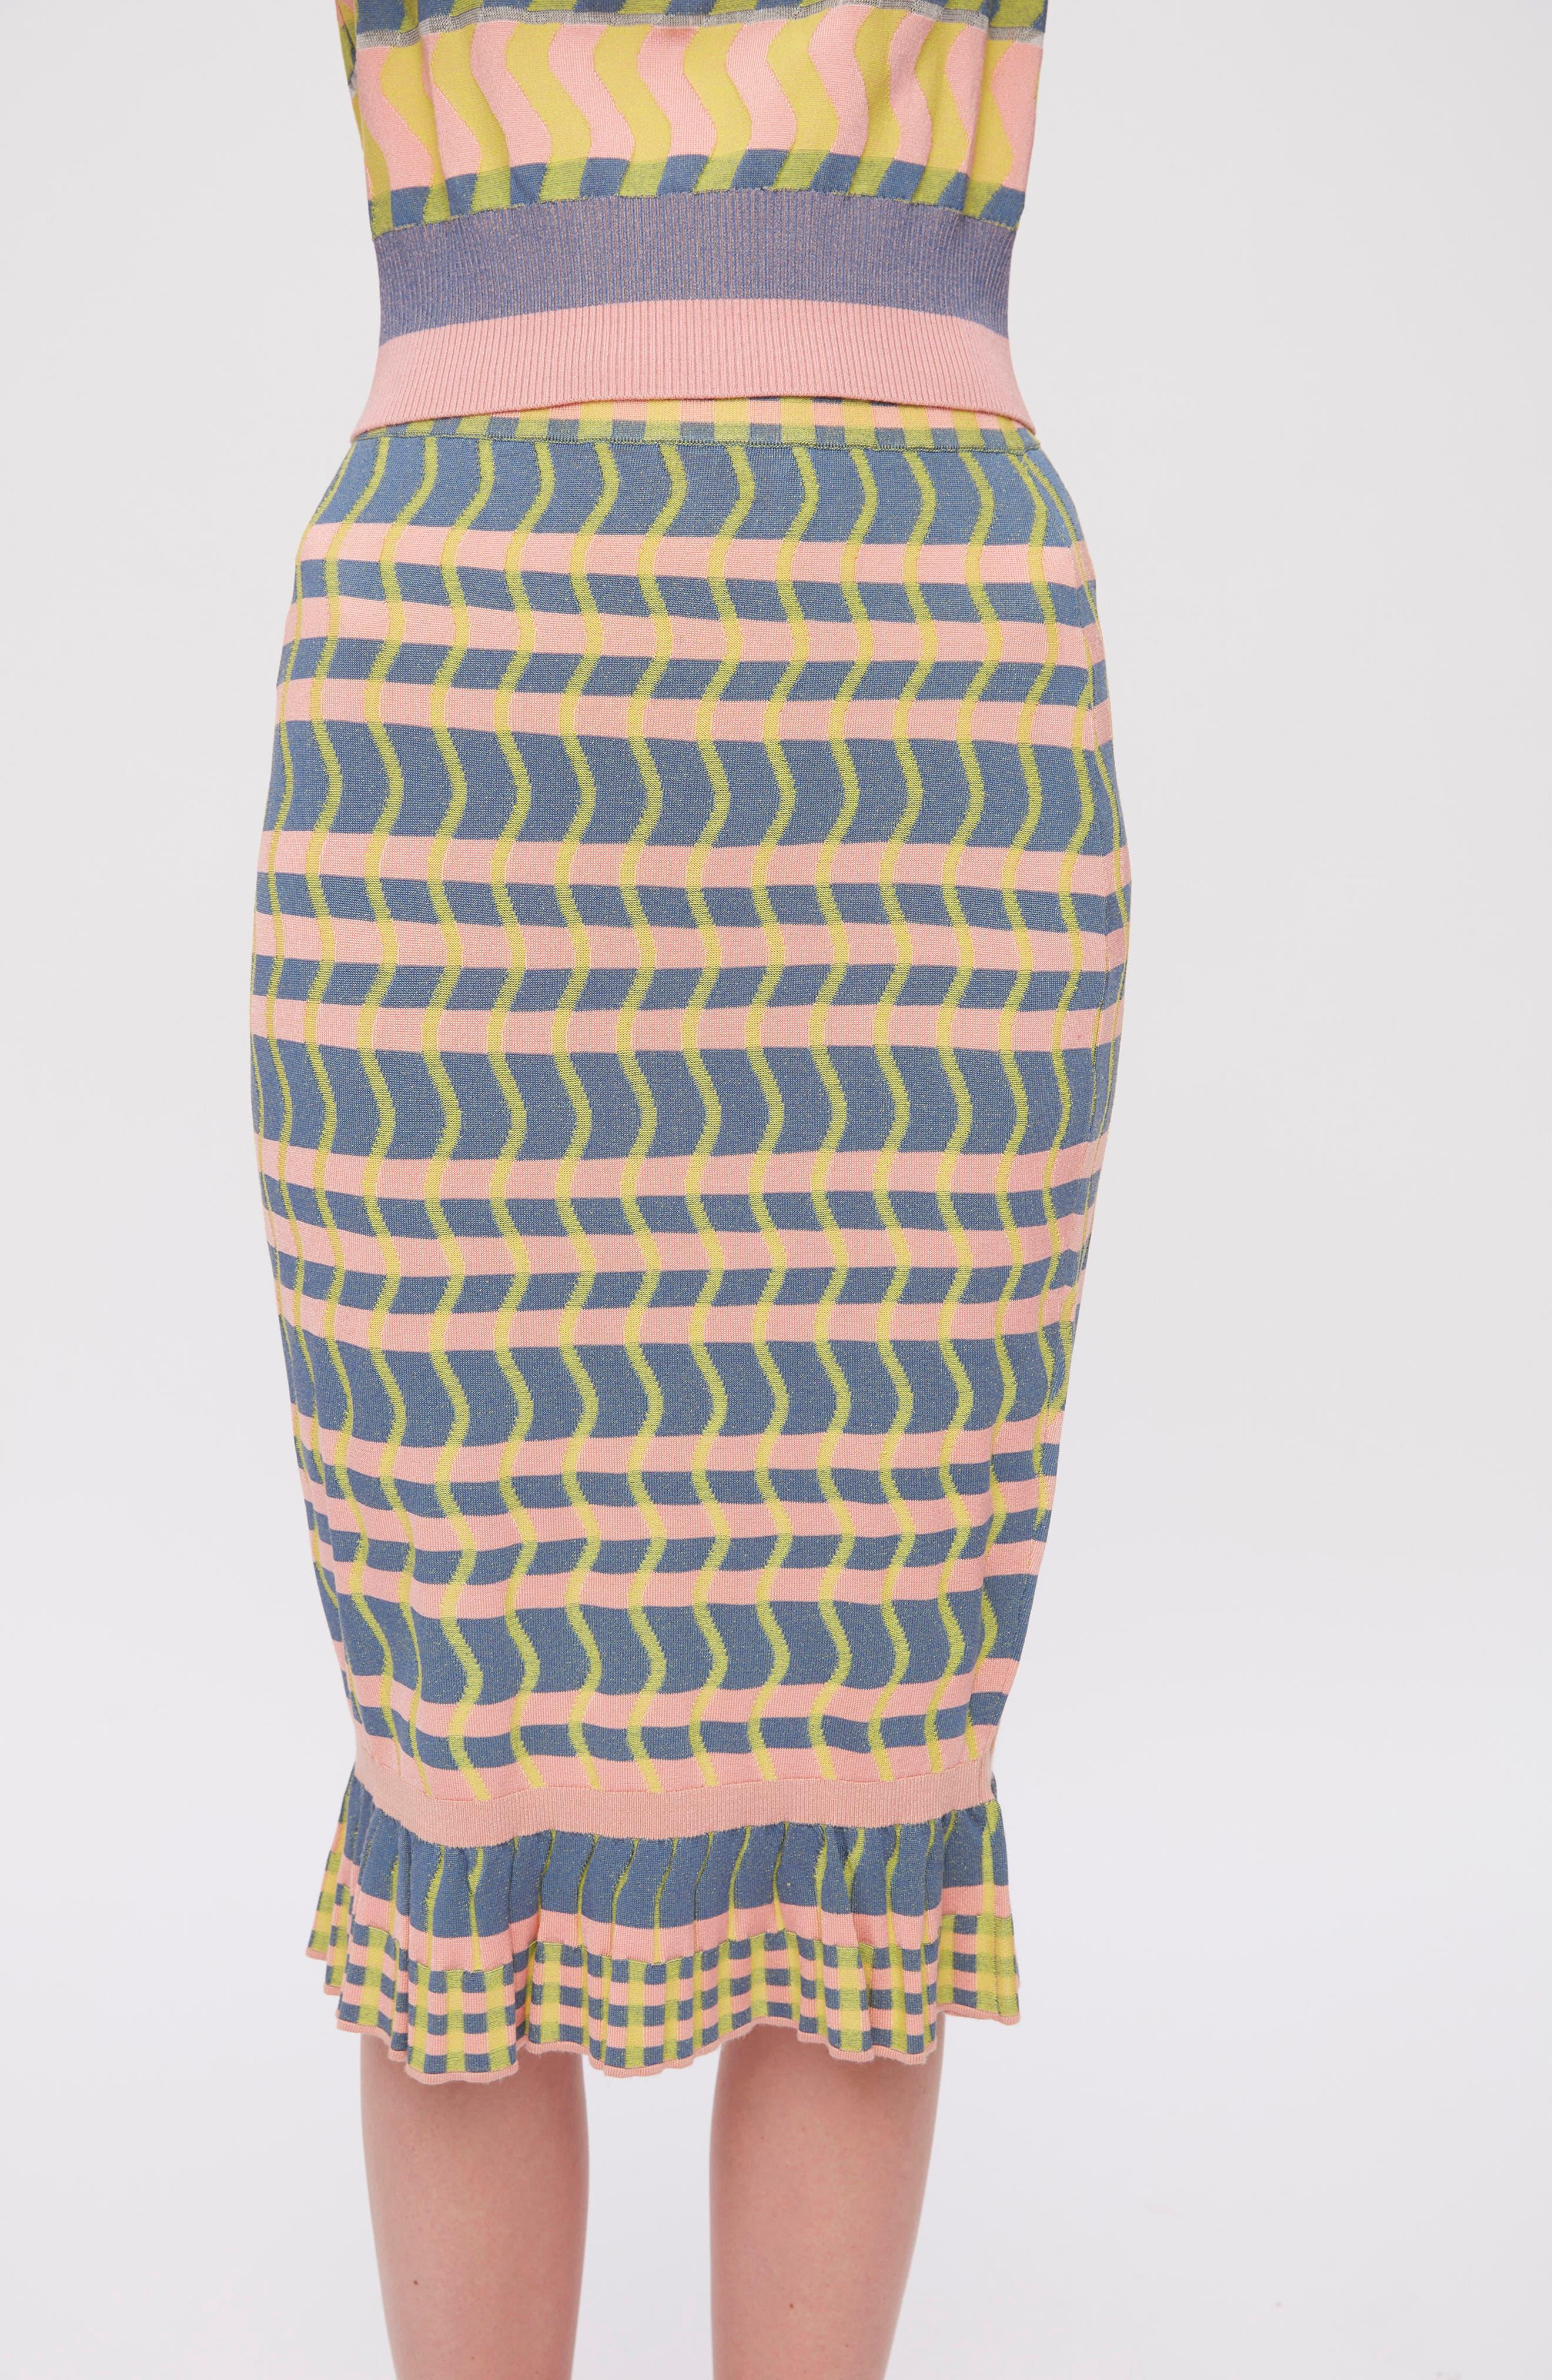 Rosa Sweater Skirt